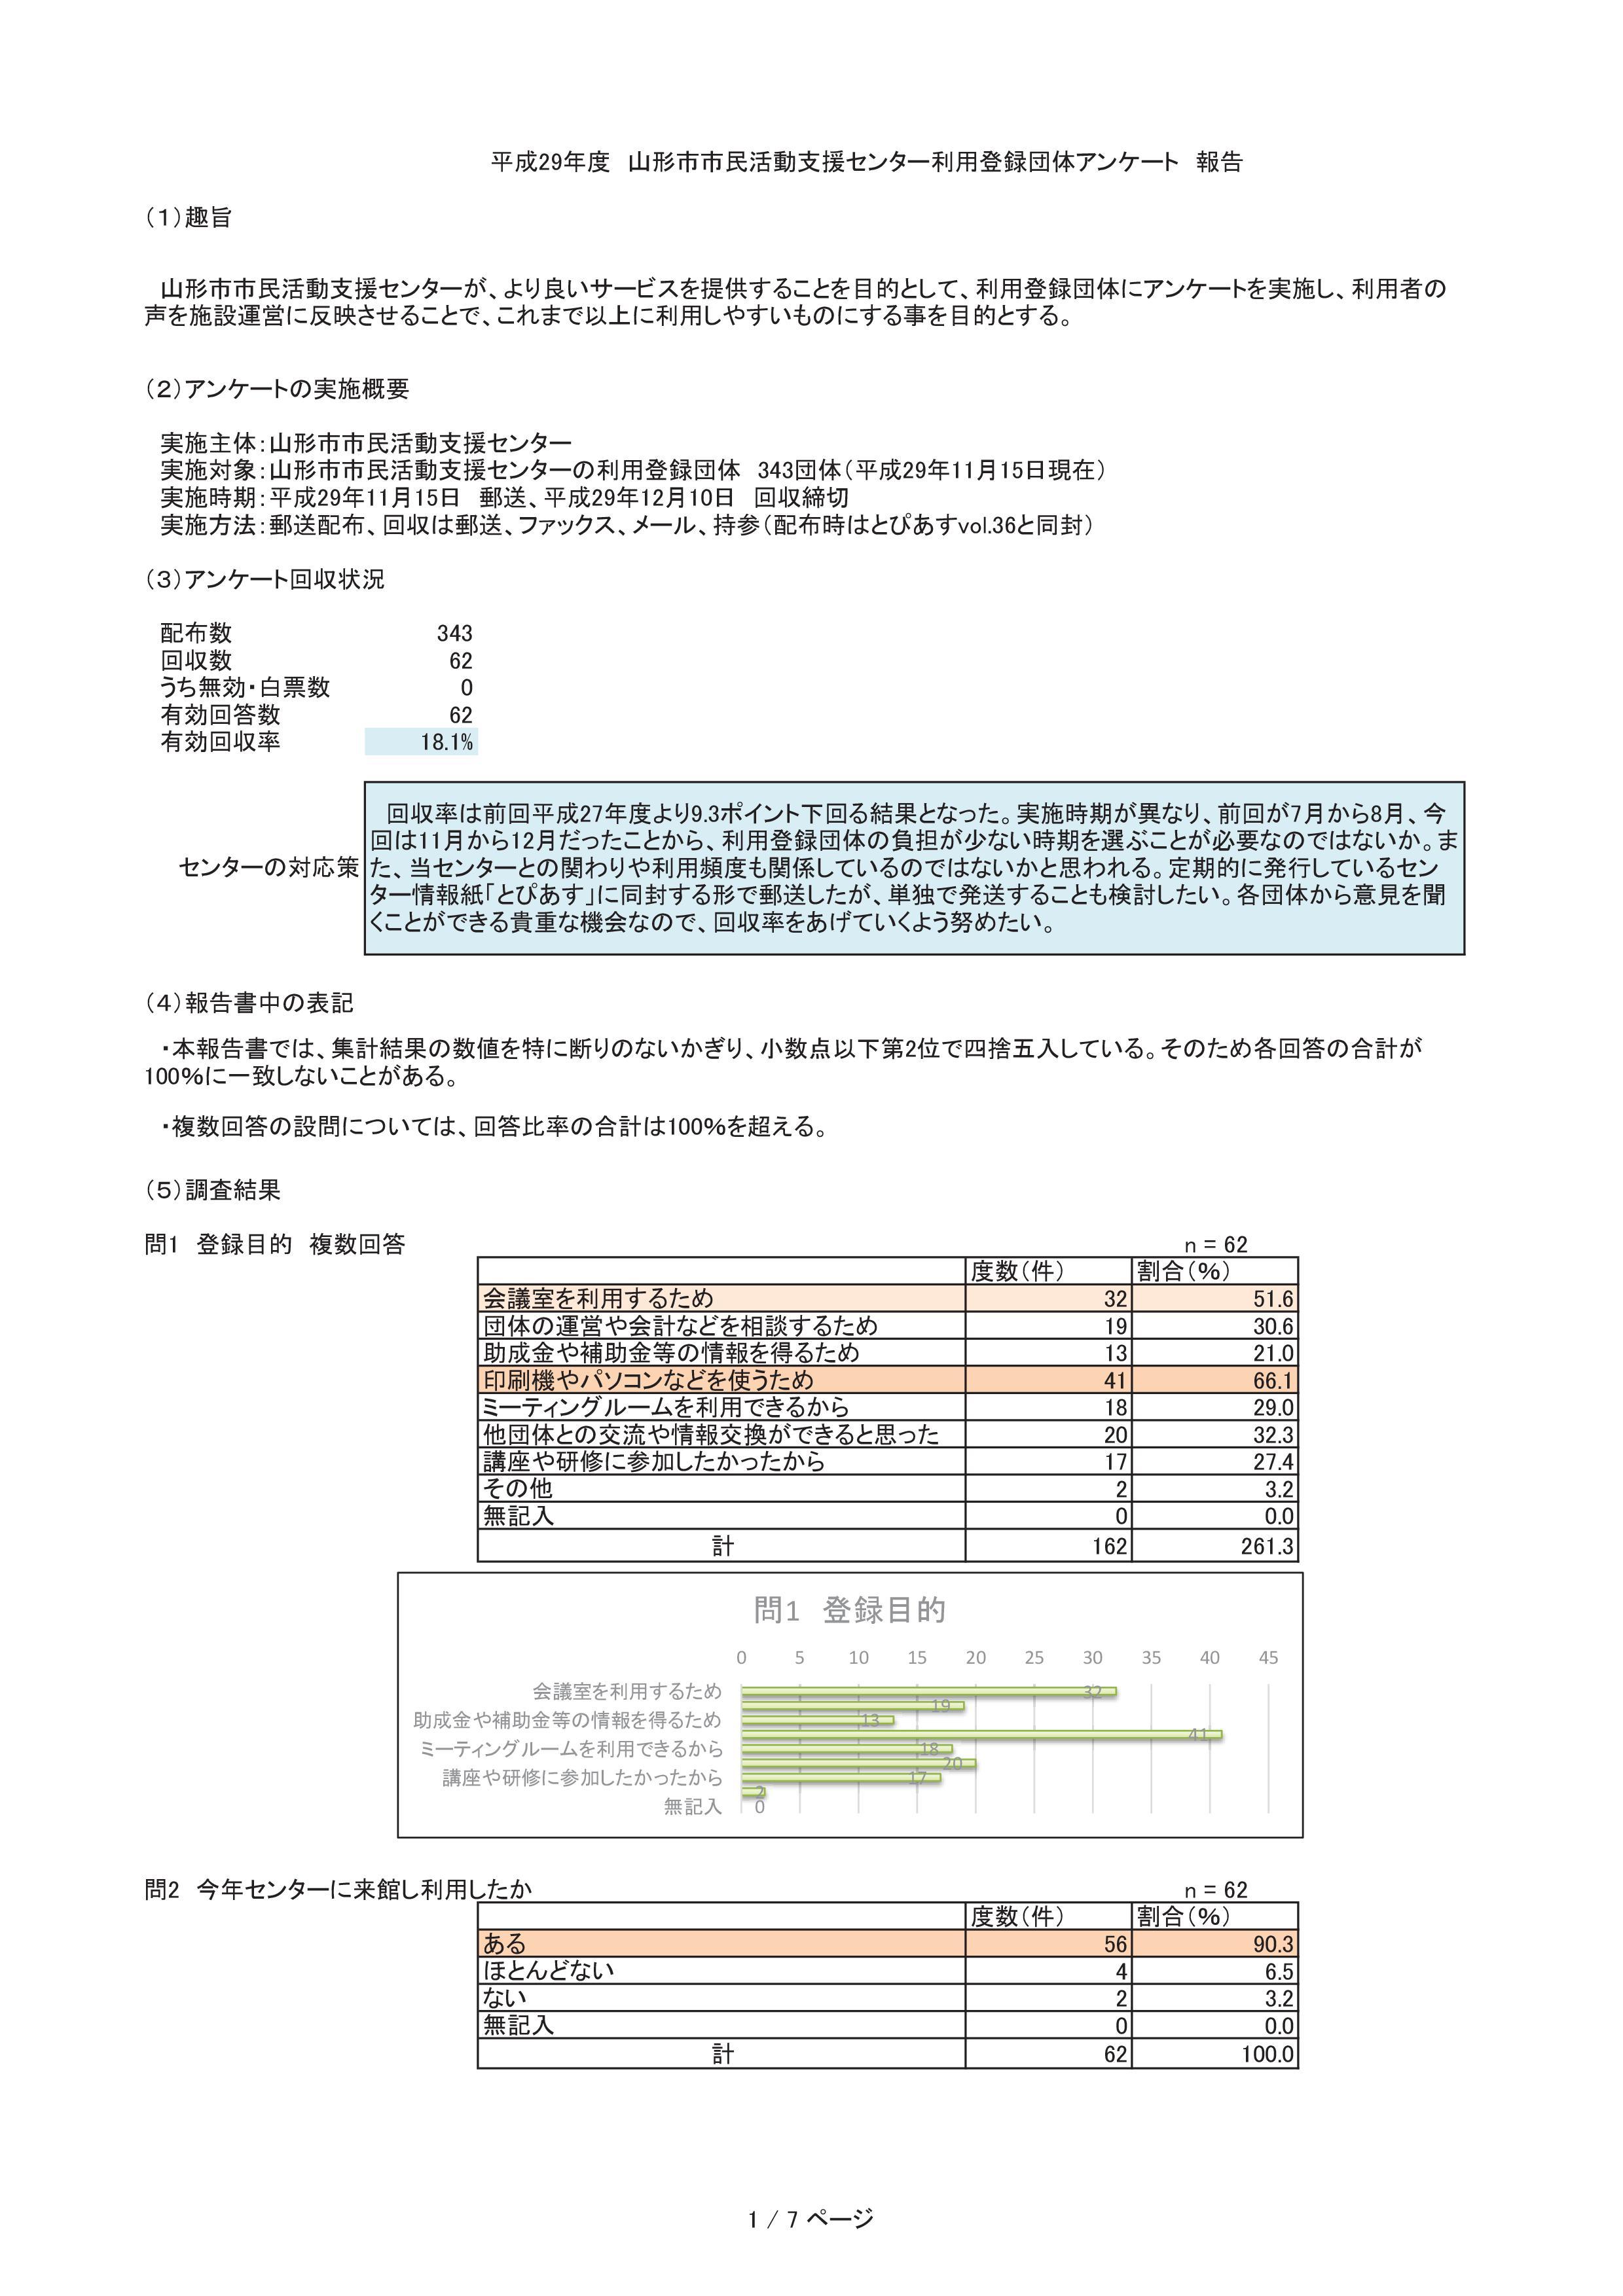 書 報告 アンケート 結果 京都市:すこやかアンケート及び介護サービス事業者に関するアンケート調査結果(令和元年度実施)